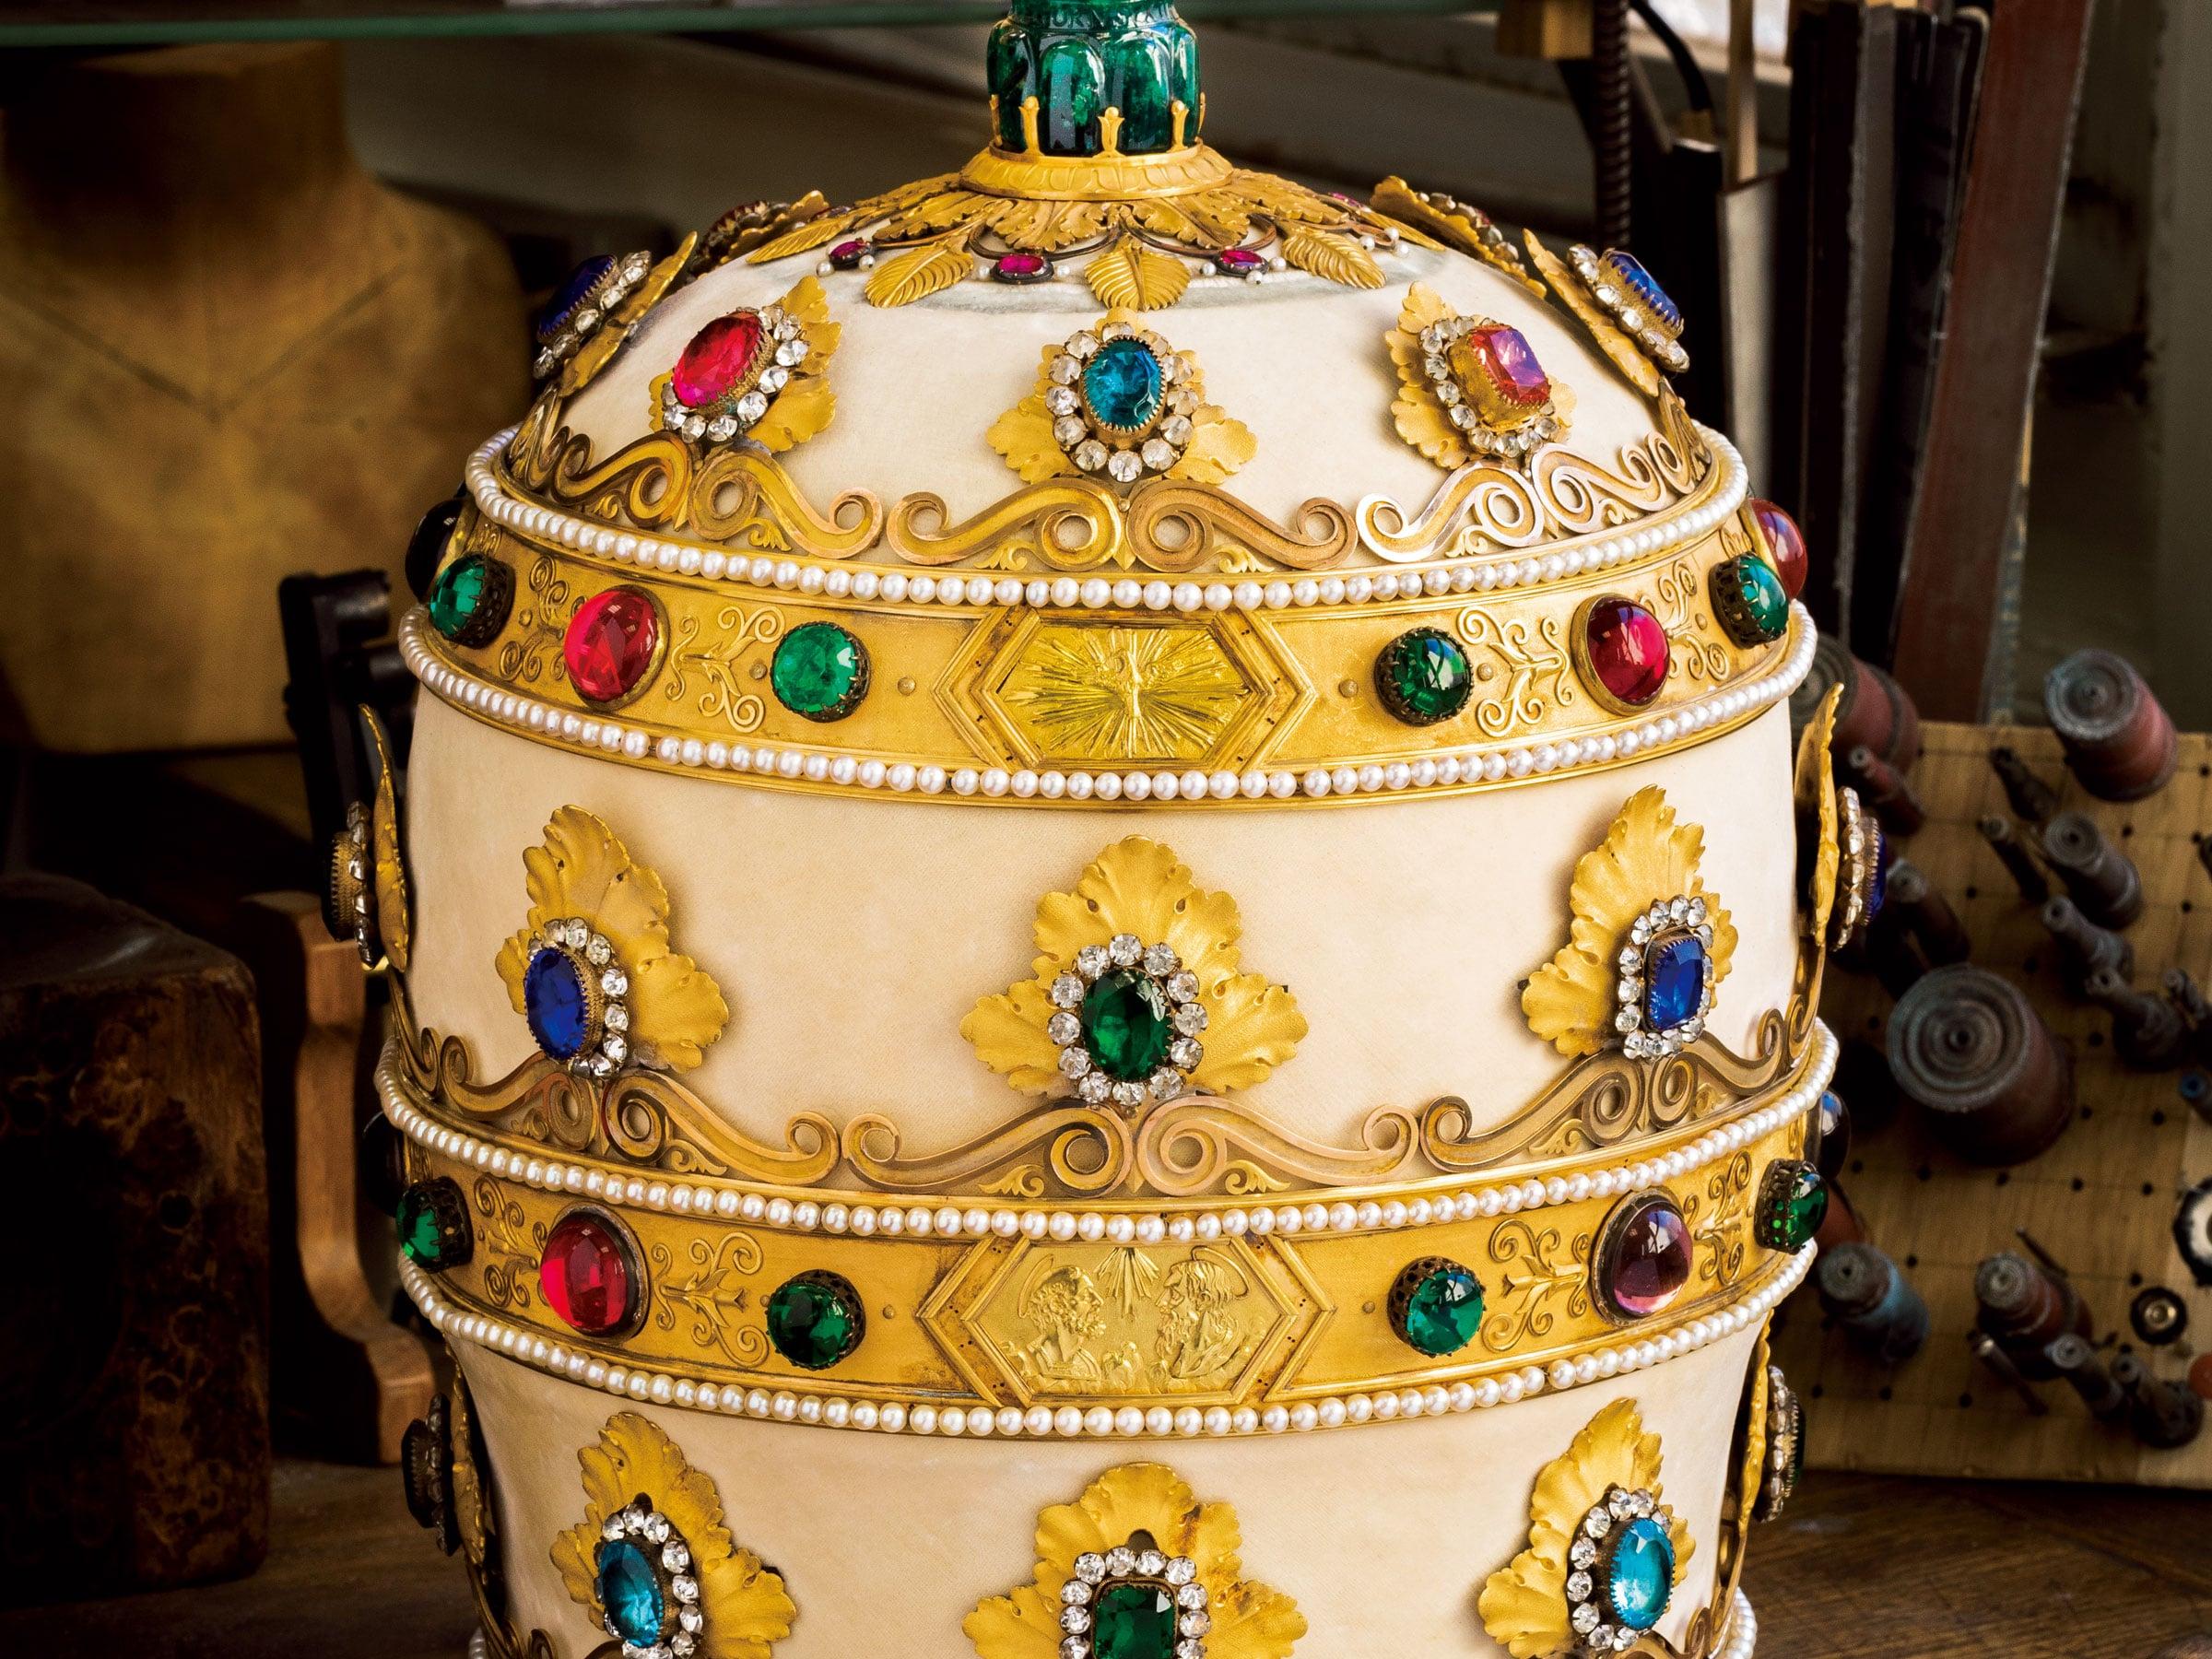 壮大でラグジュアリーな宝飾芸術 ショーメの世界観が堪能できる美術展